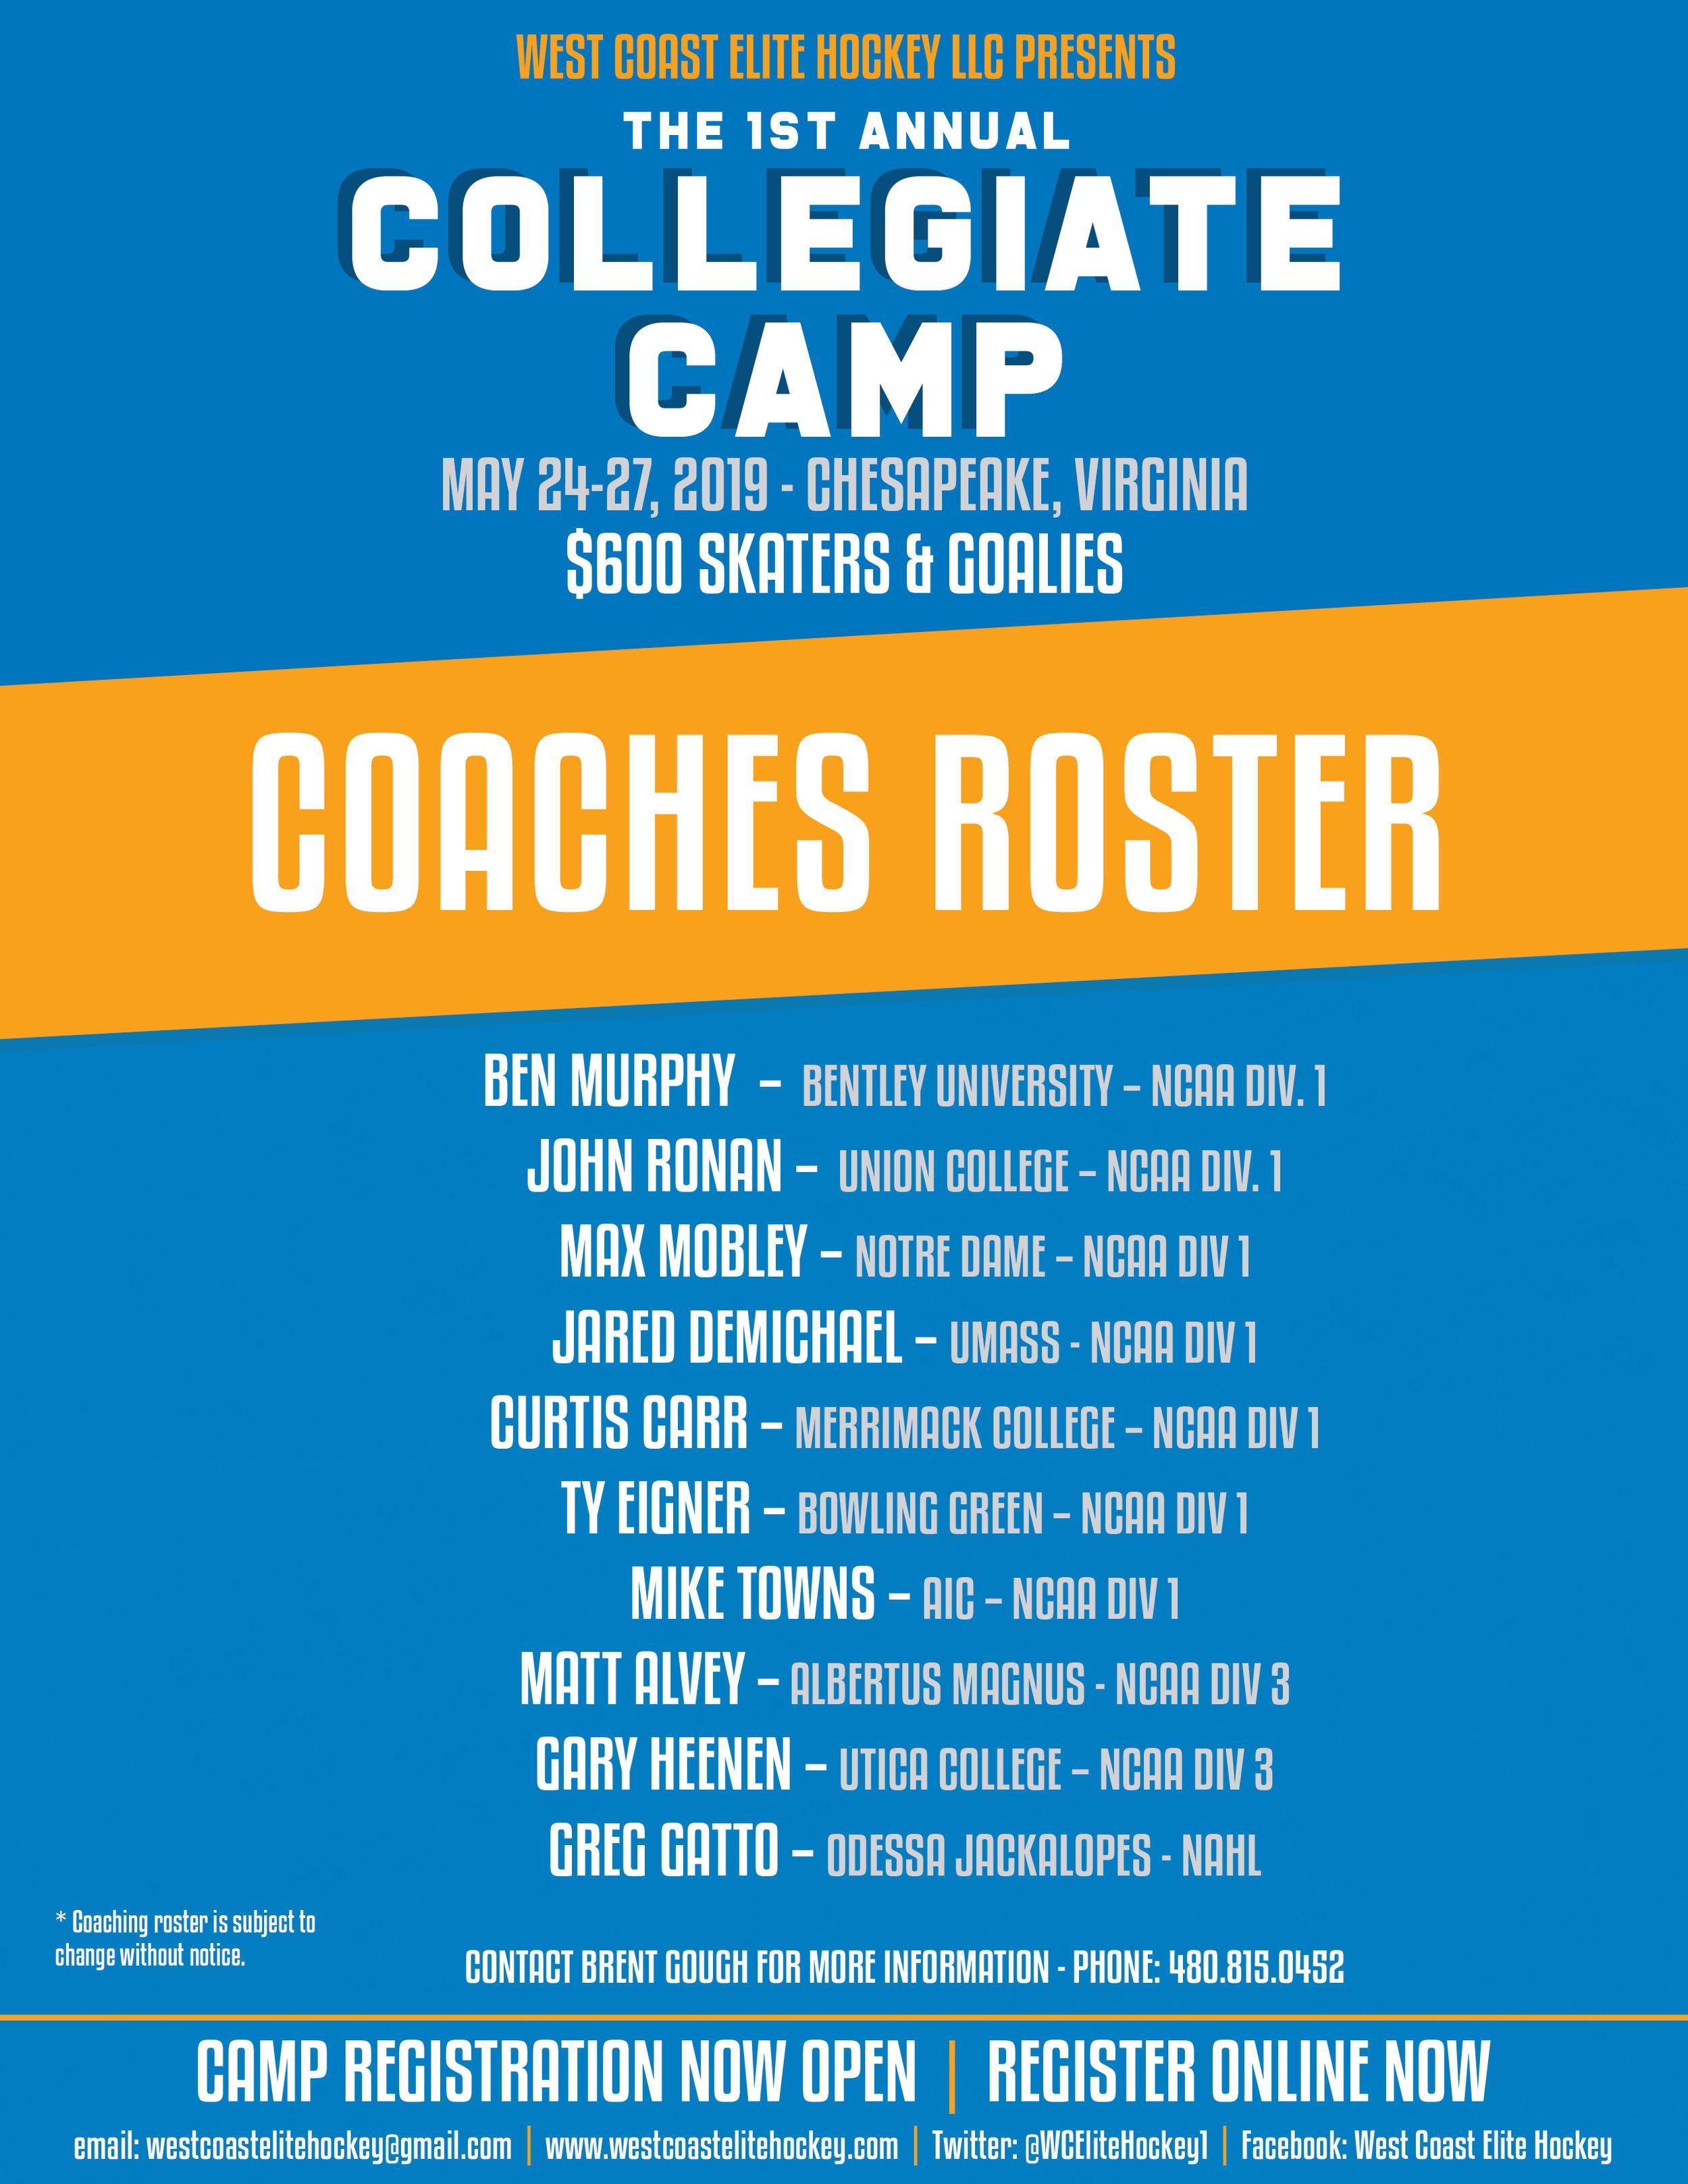 wceh_camp_poster_coach_19_VA.jpg